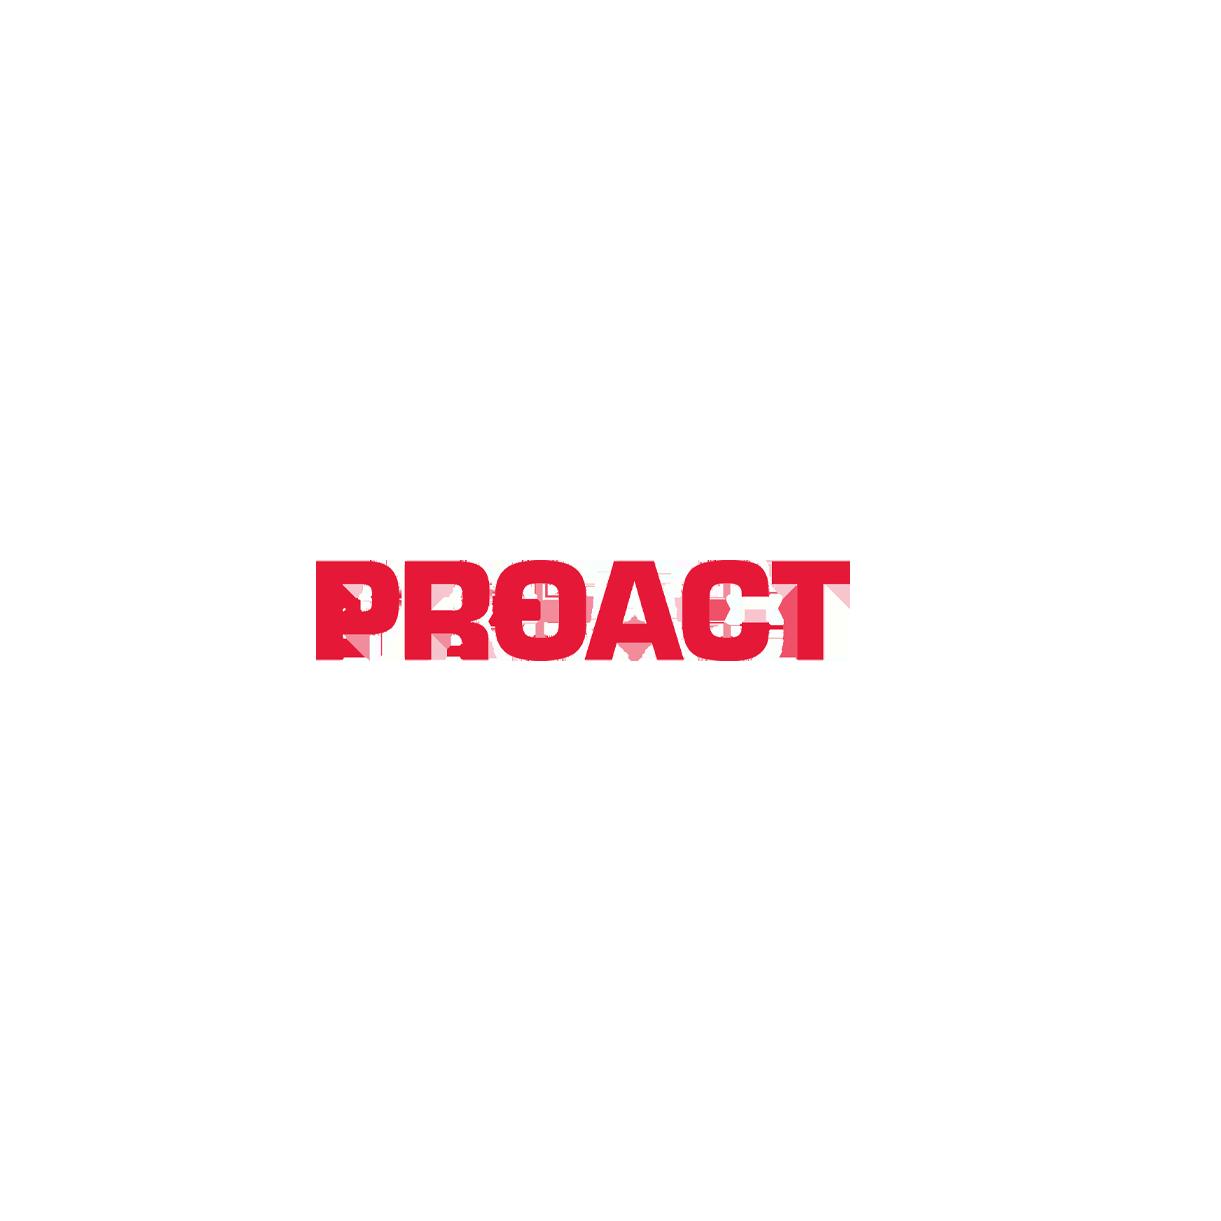 proact (kopia).png